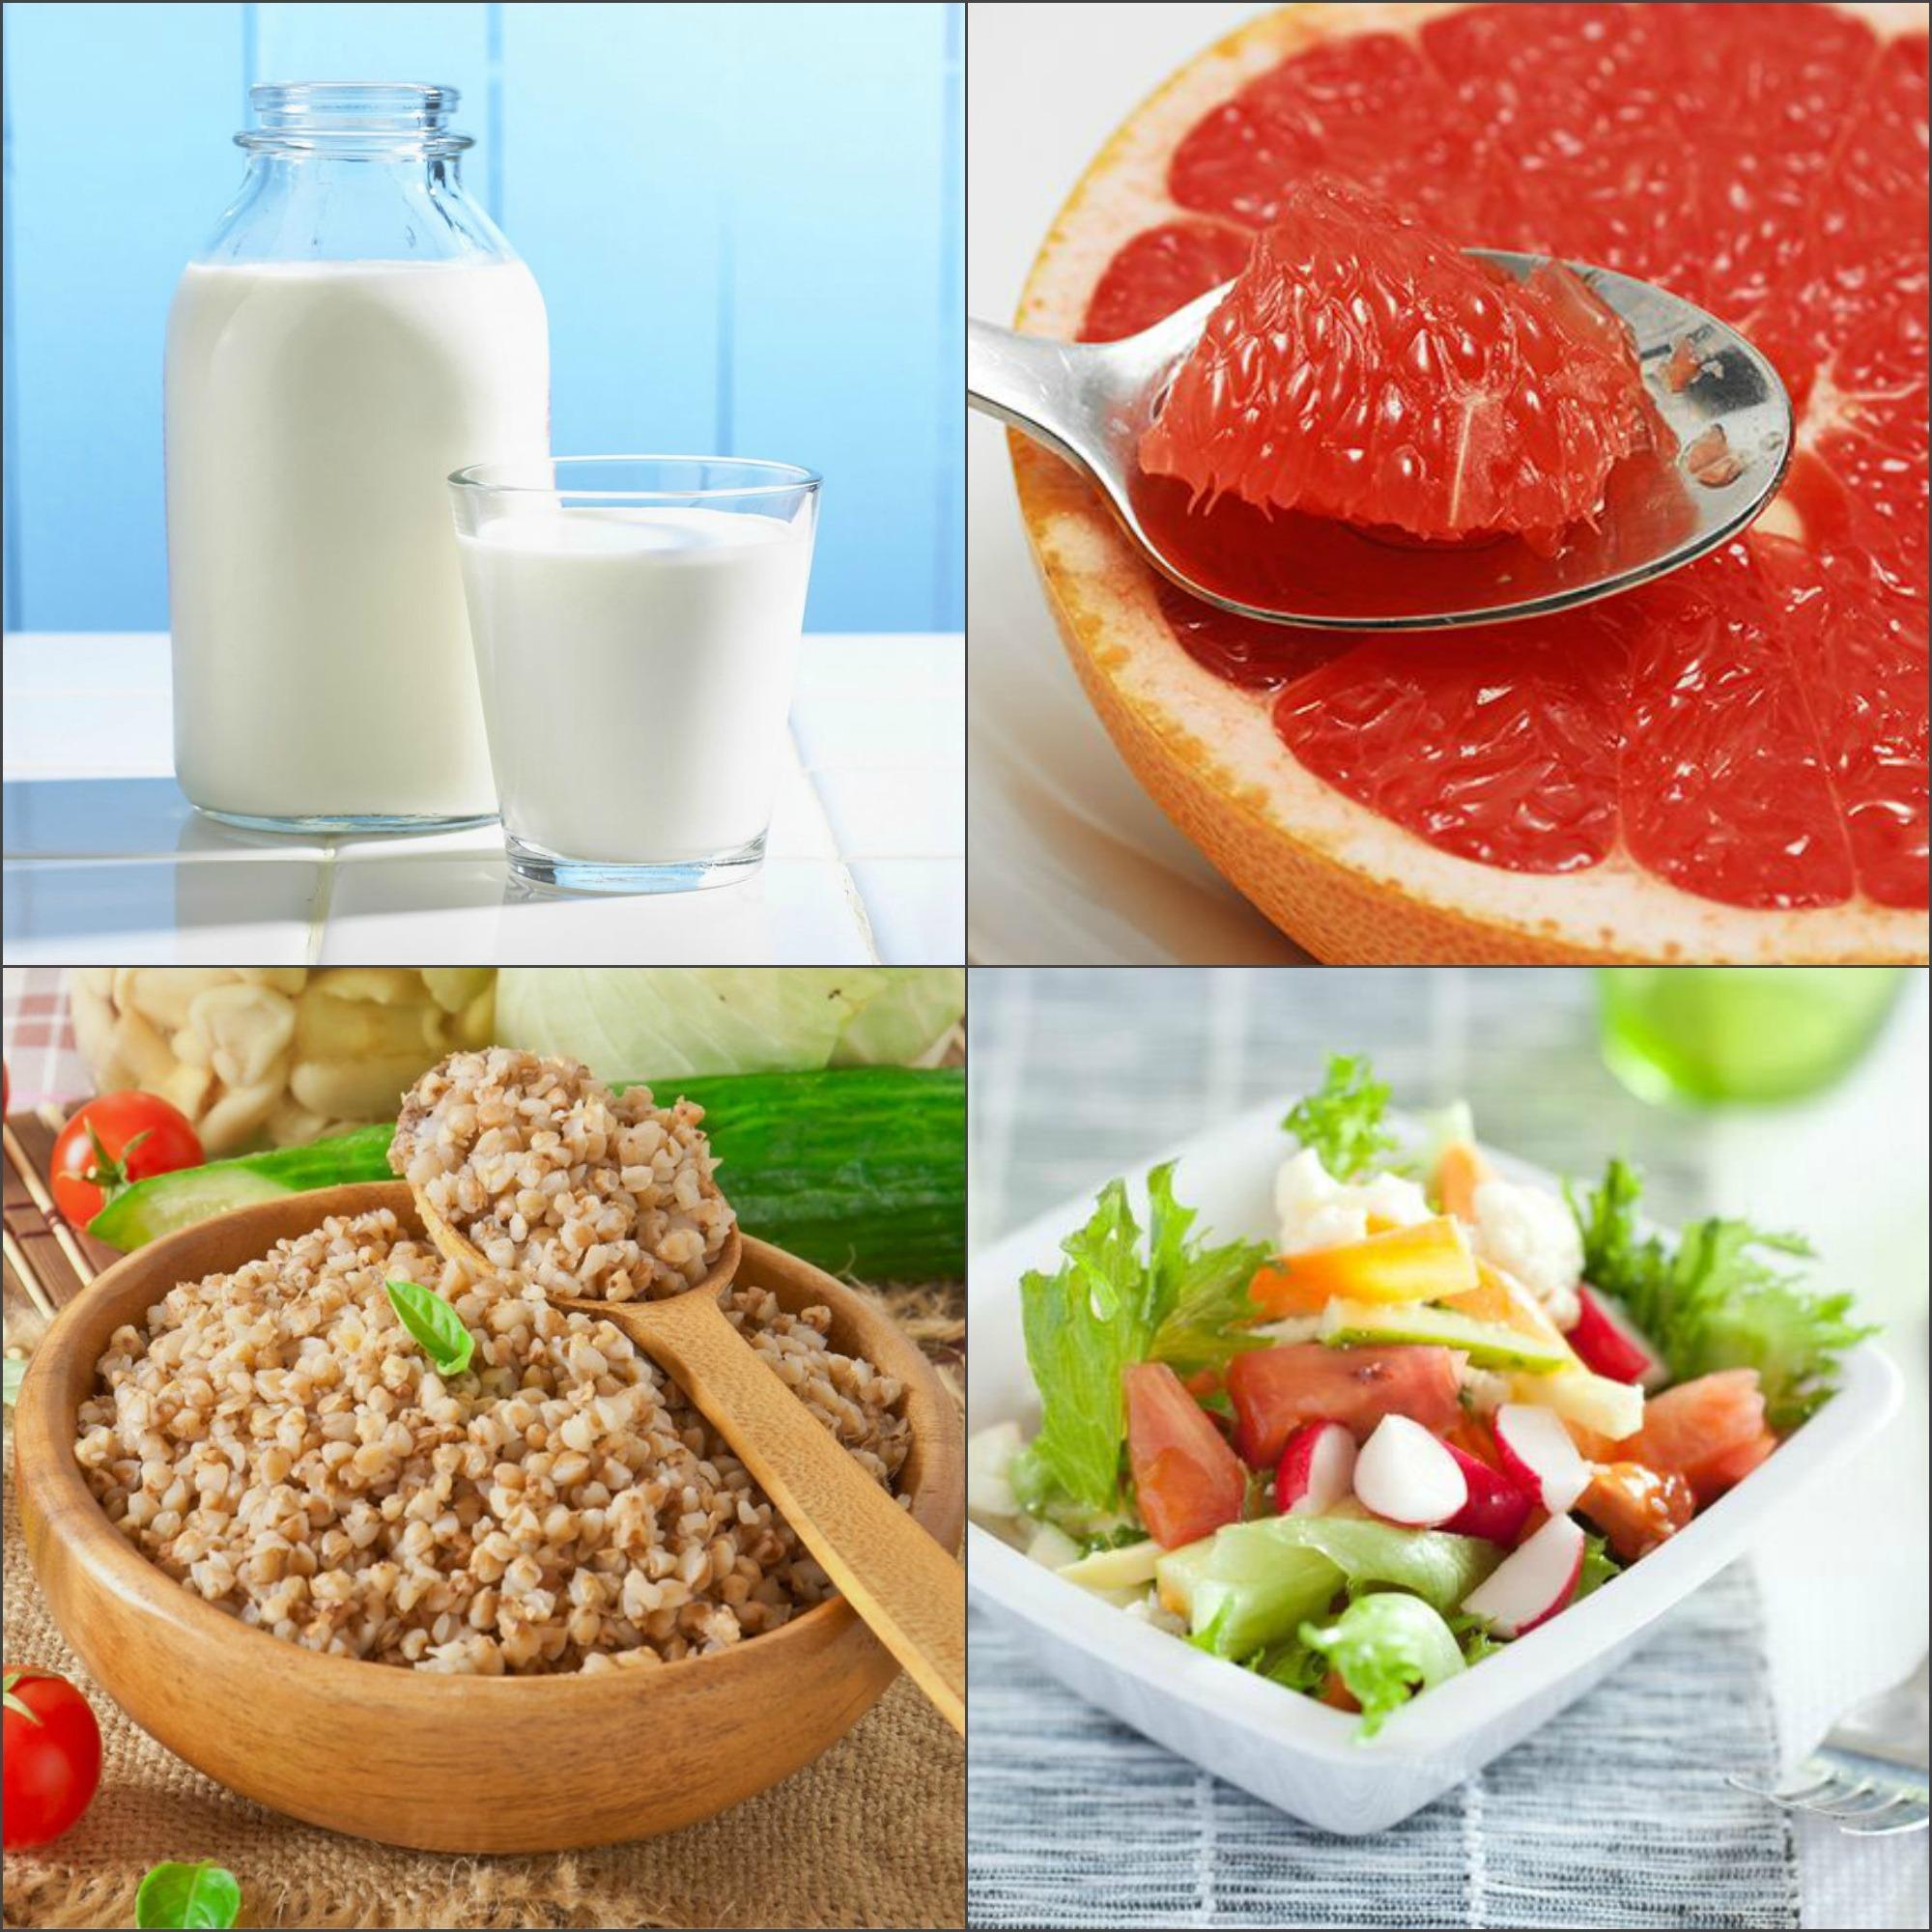 Диета Быстрая И Полезная. 10 эффективных диет для быстрого похудения: времени нет, а выбор — есть!